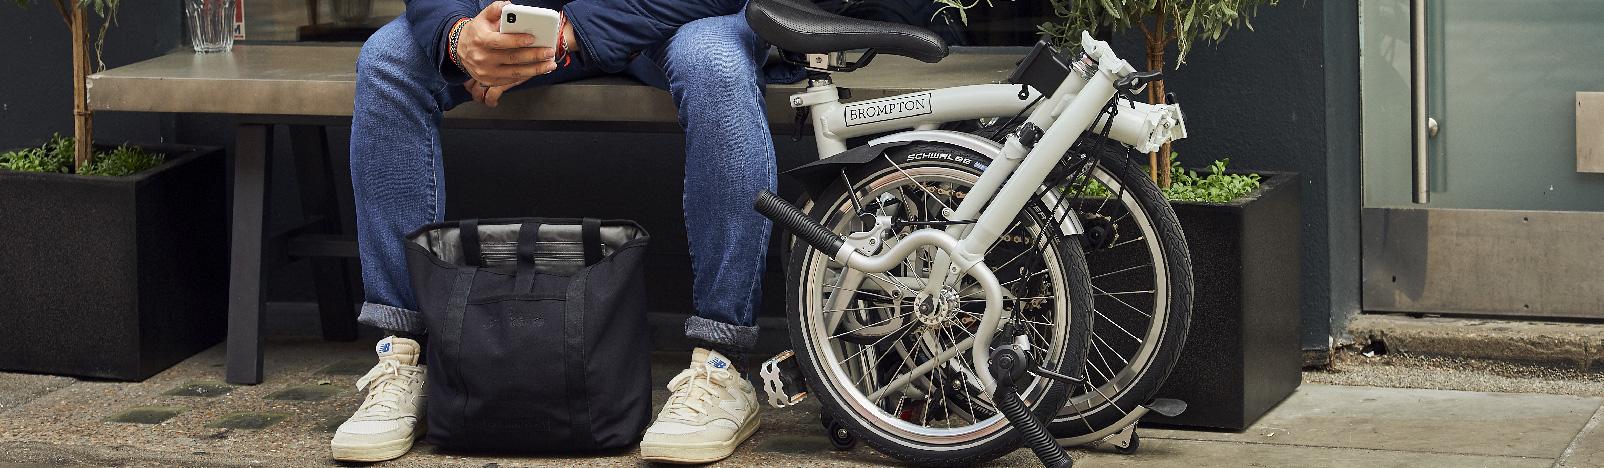 Faltrad für Pendler test